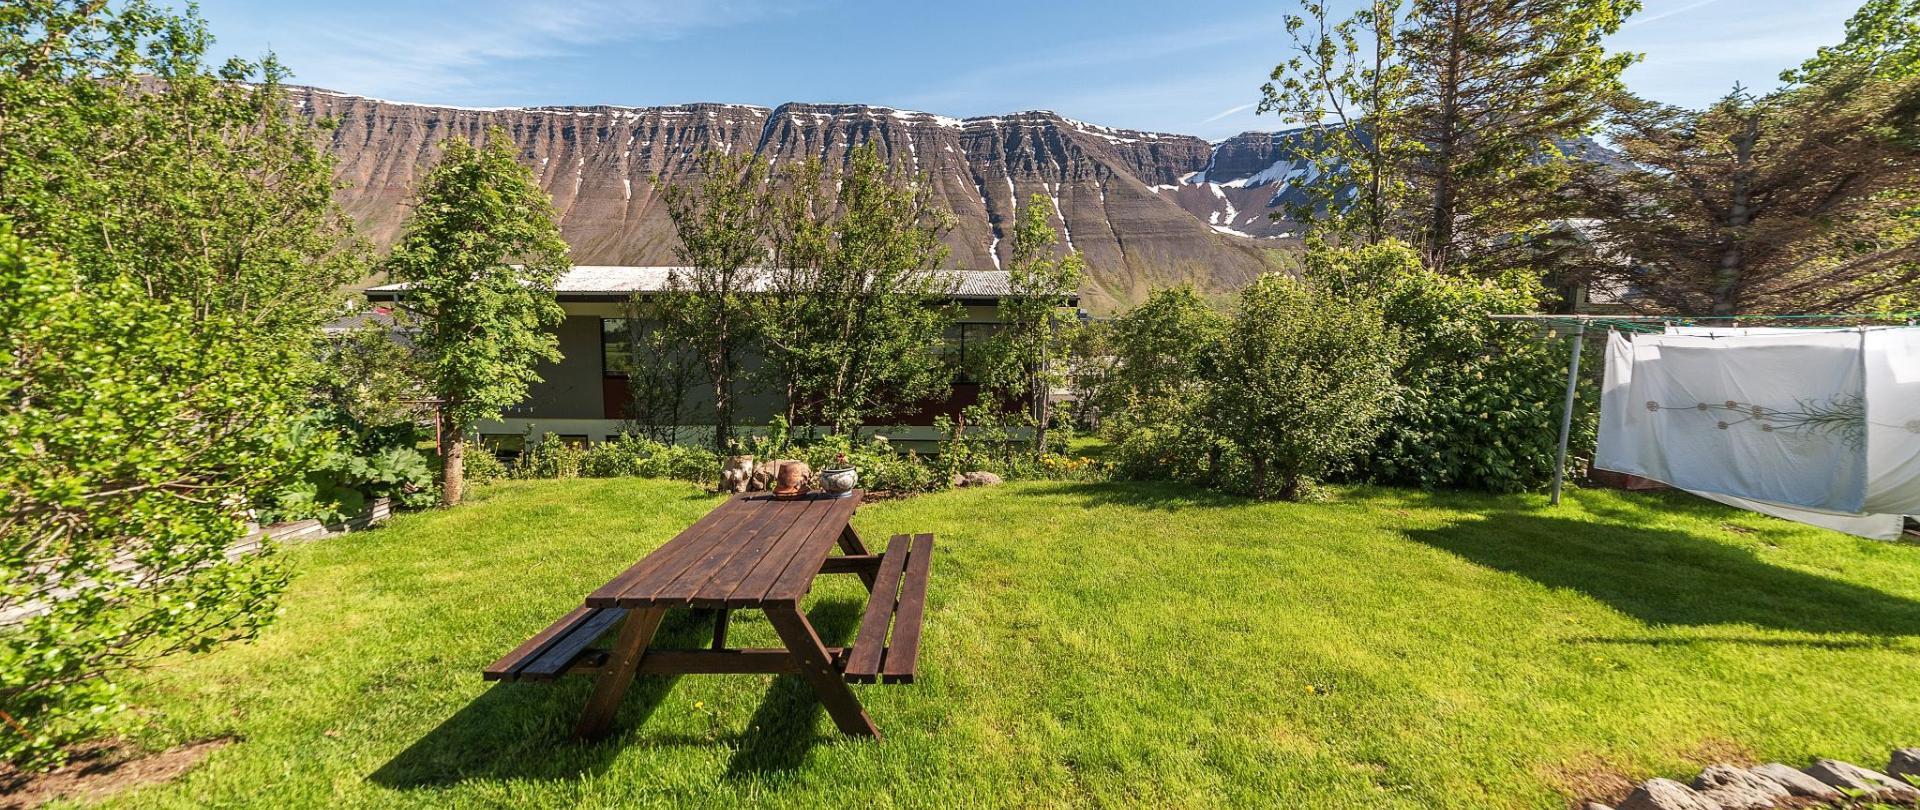 Garður og fjöll.jpg